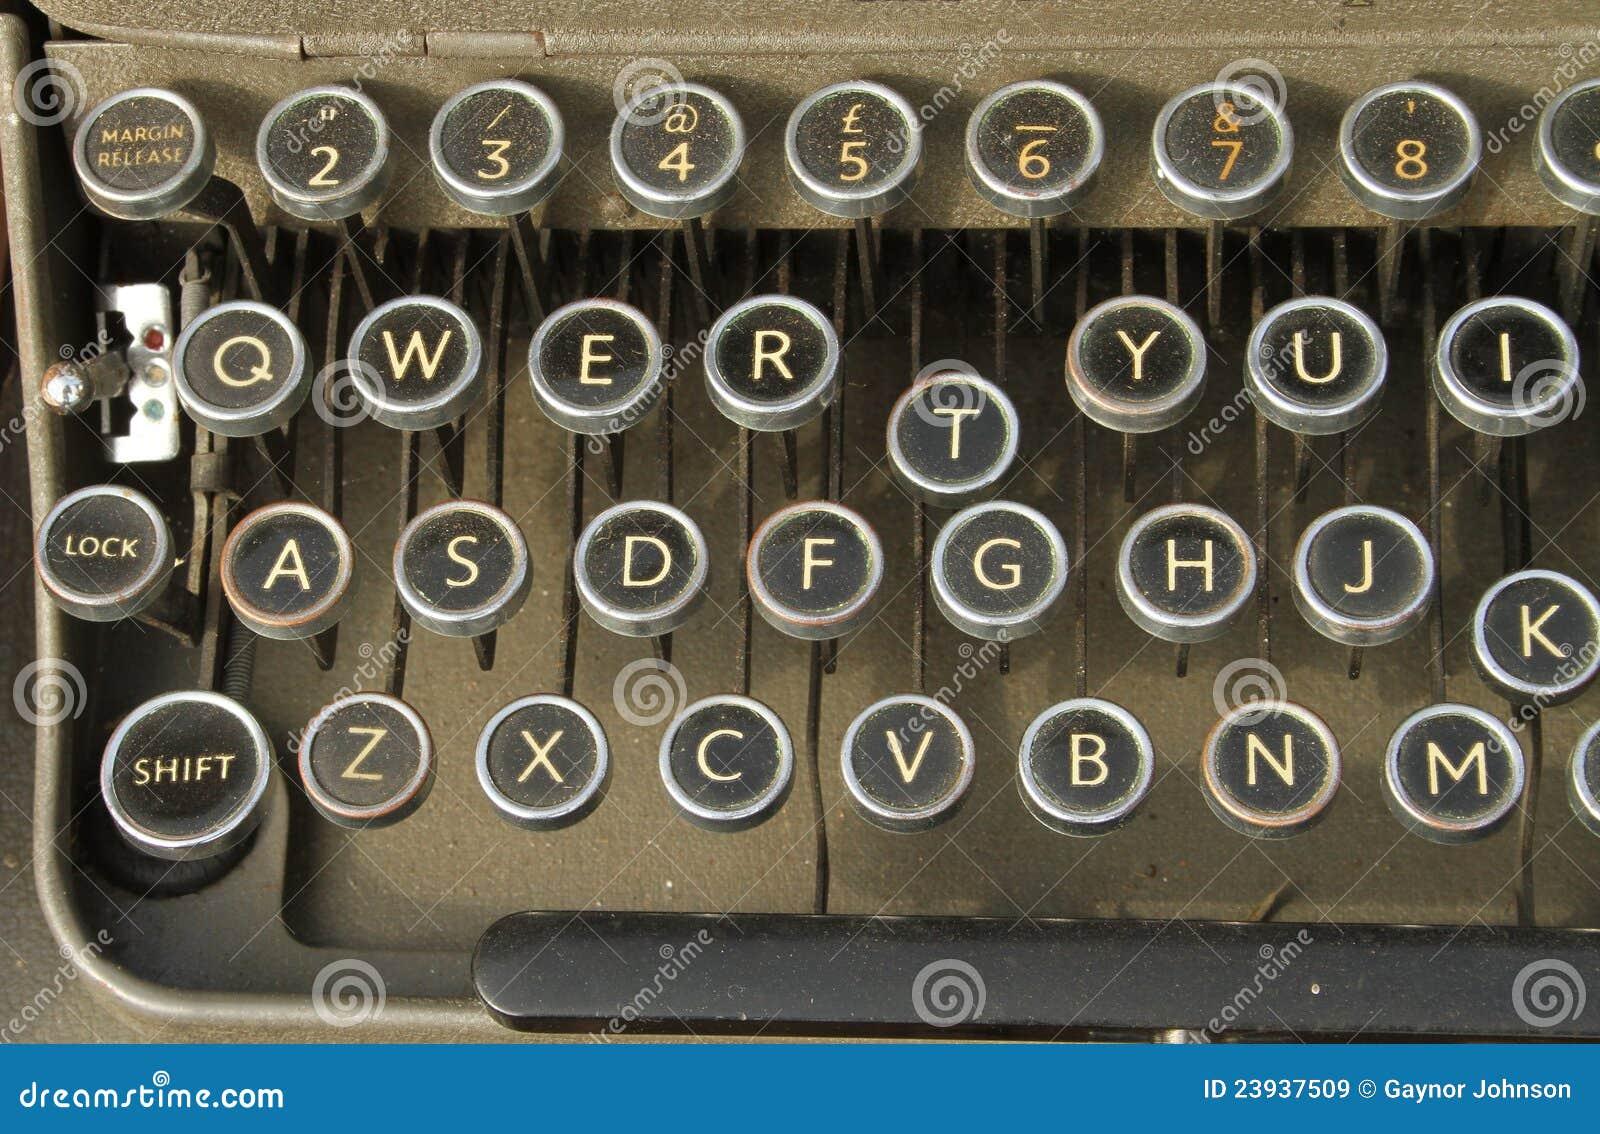 vieille machine crire de clavier qwerty images libres de droits image 23937509. Black Bedroom Furniture Sets. Home Design Ideas